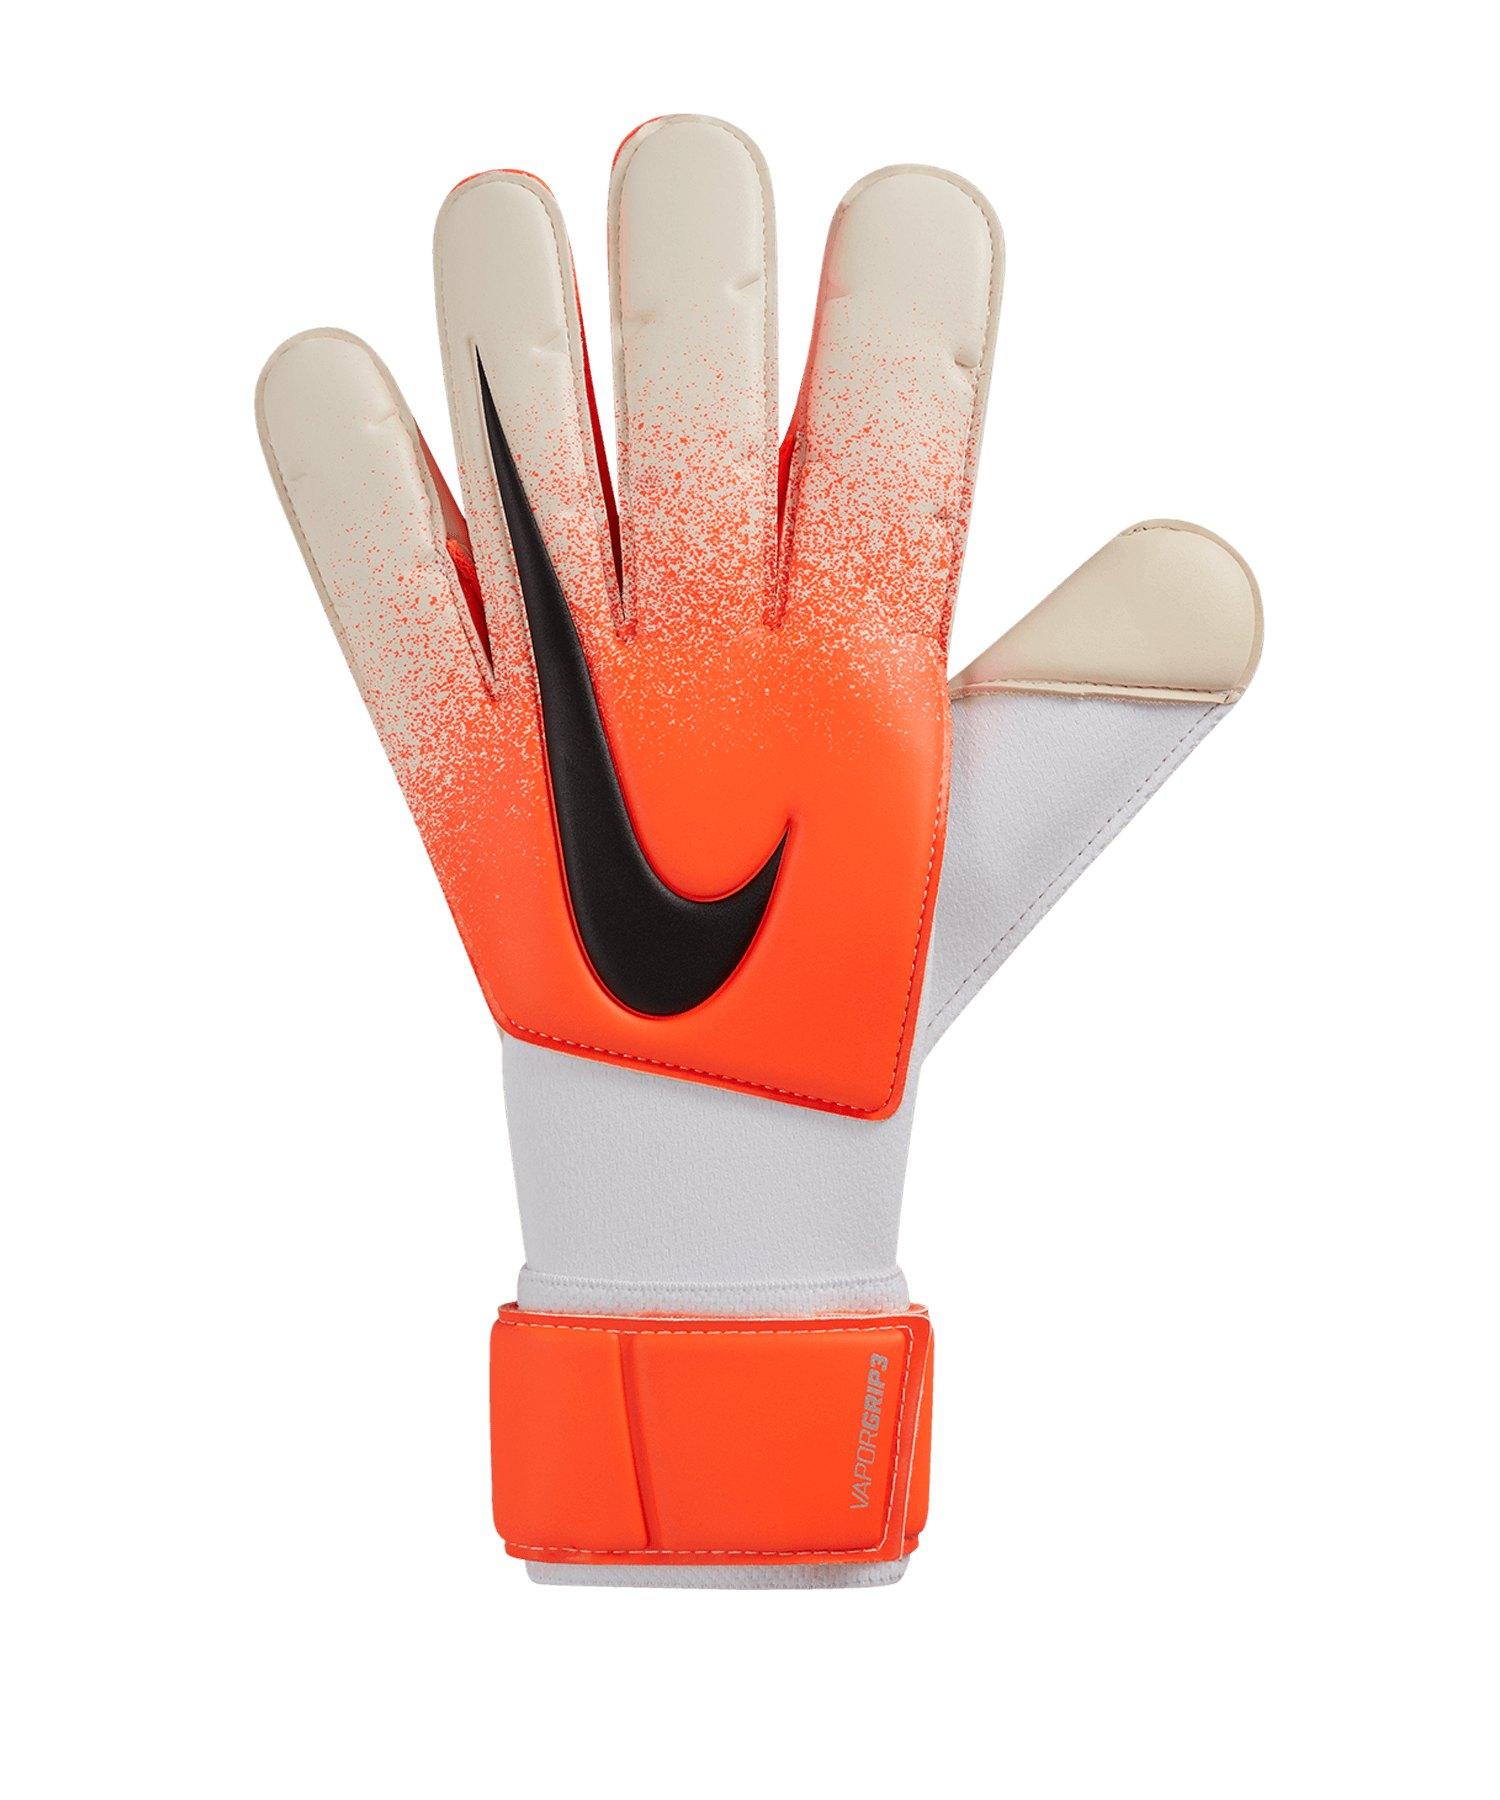 Nike Vapor Grip3 Torwarthandschuh Weiss F100 - Weiss